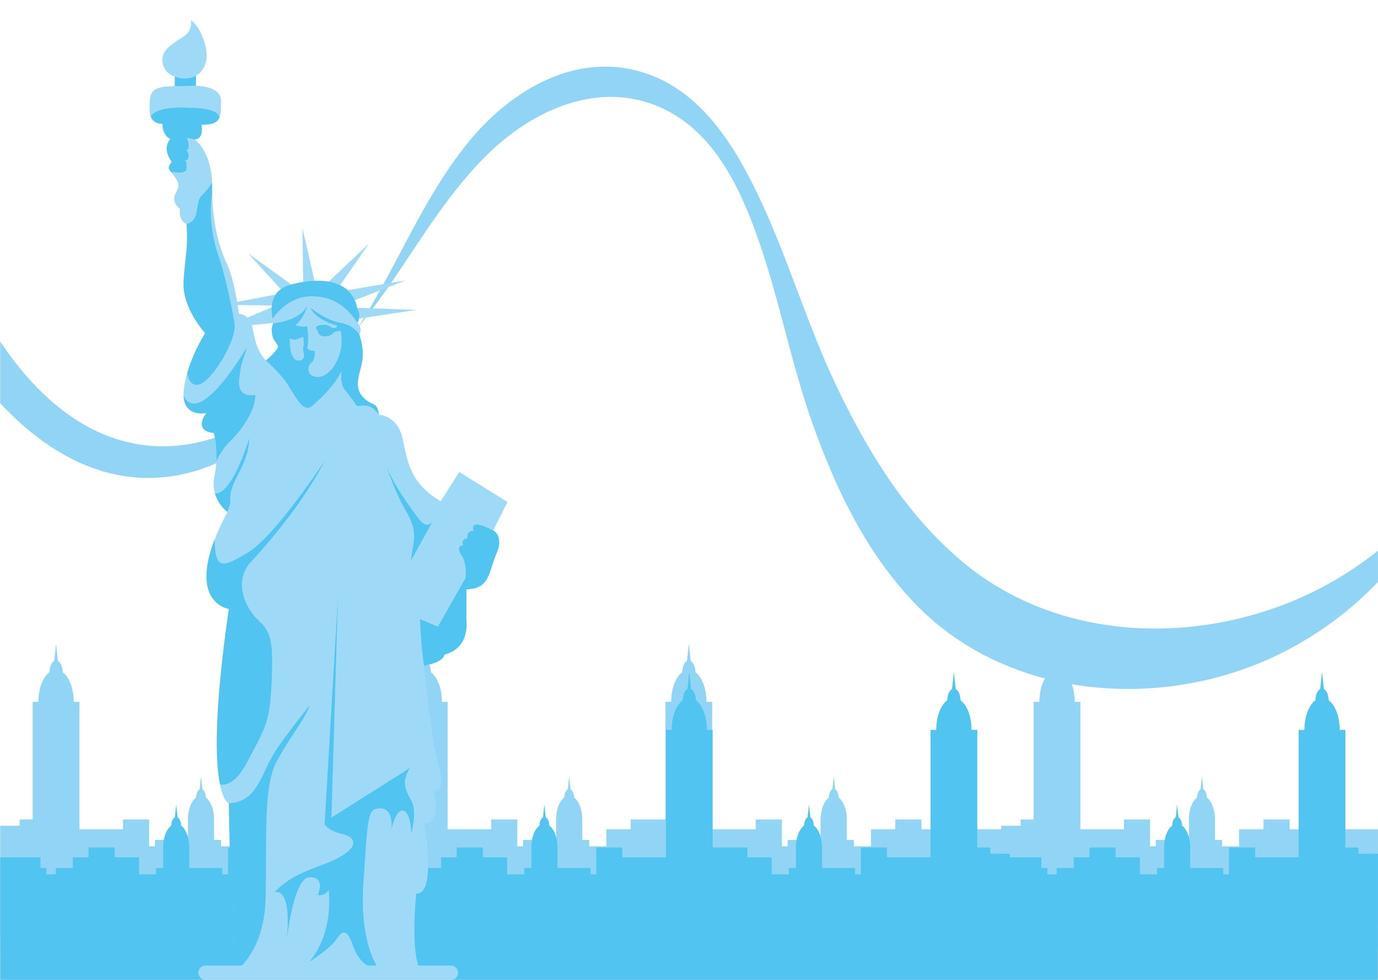 Estatua de la libertad de Estados Unidos frente a los edificios de la ciudad de diseño vectorial vector